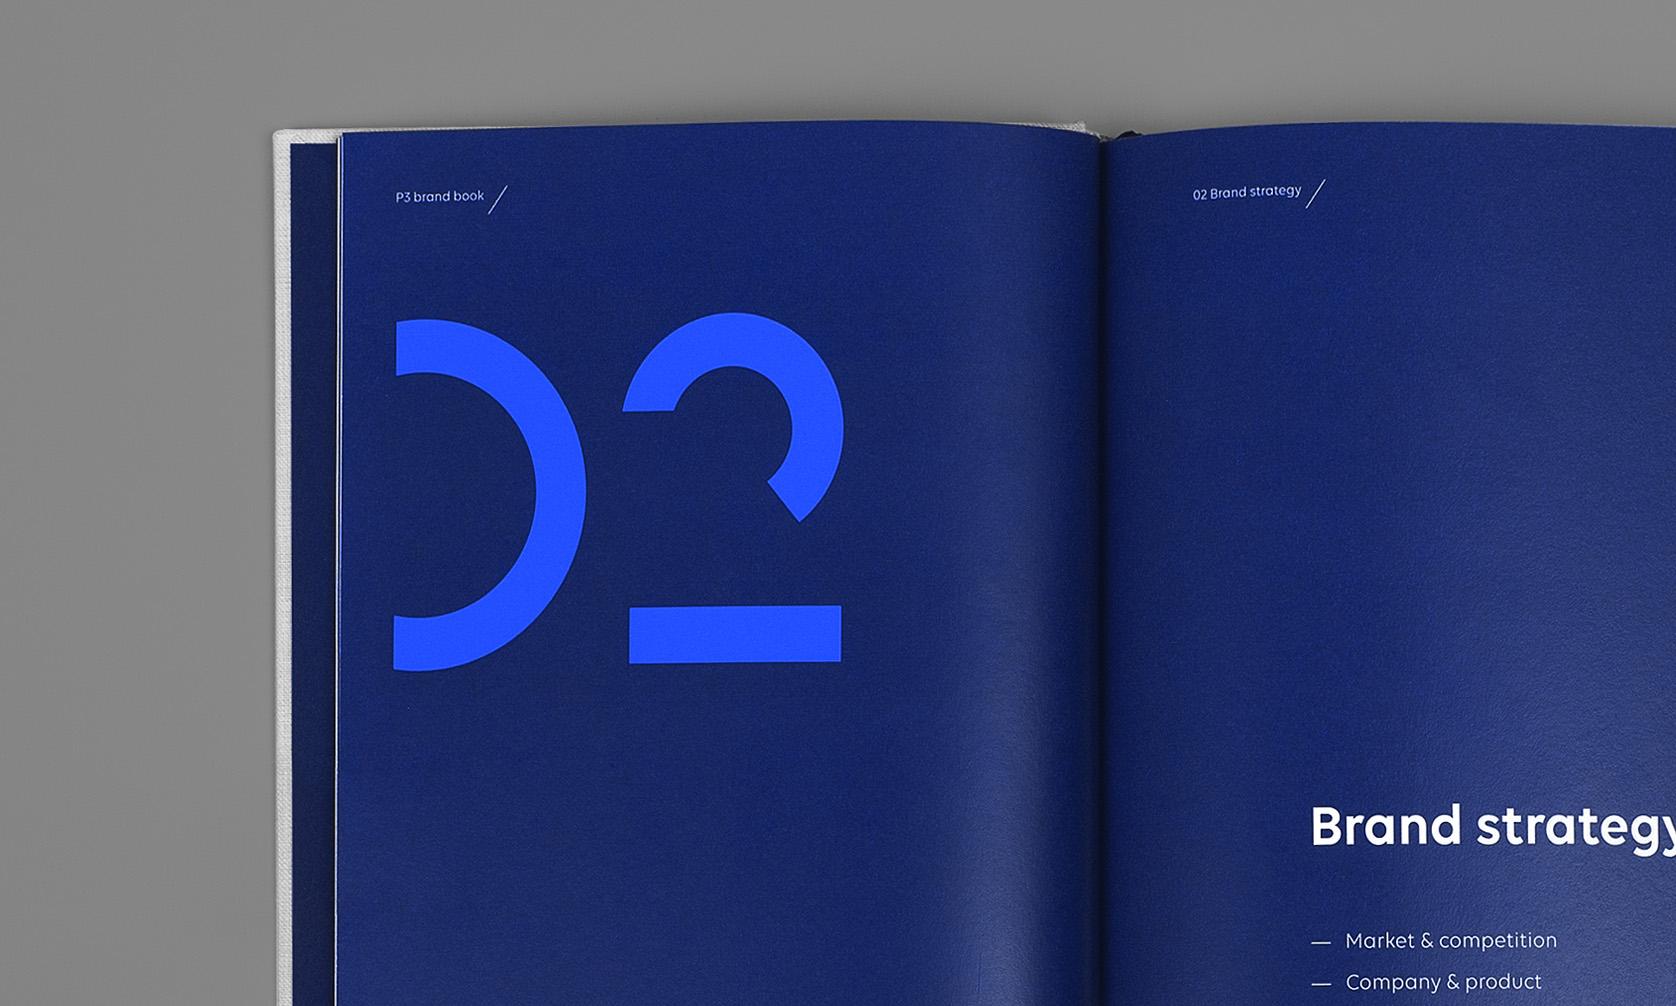 p3-branding-04